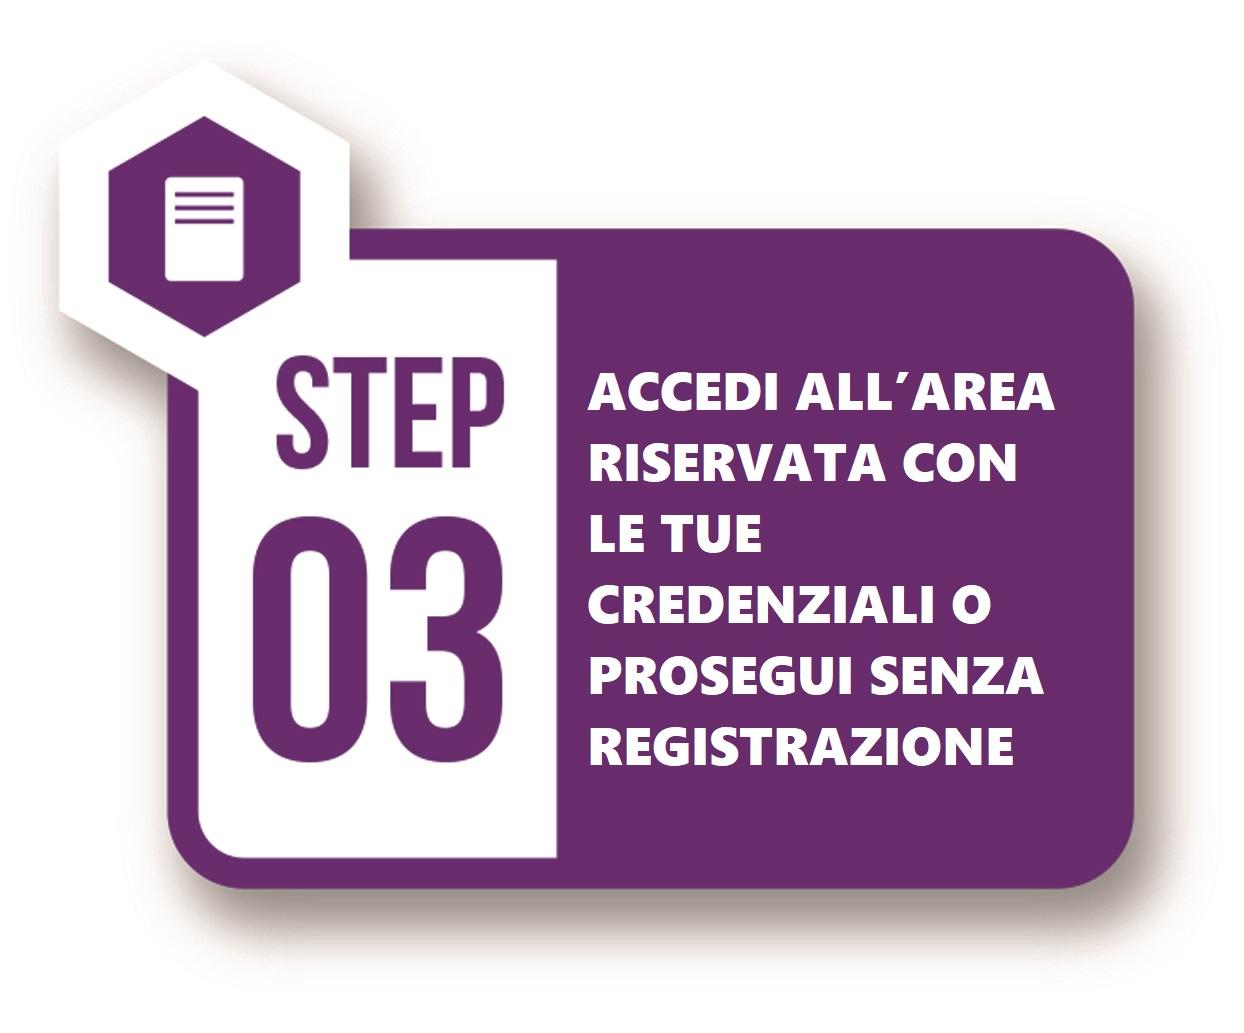 STEP 3 3.jpg